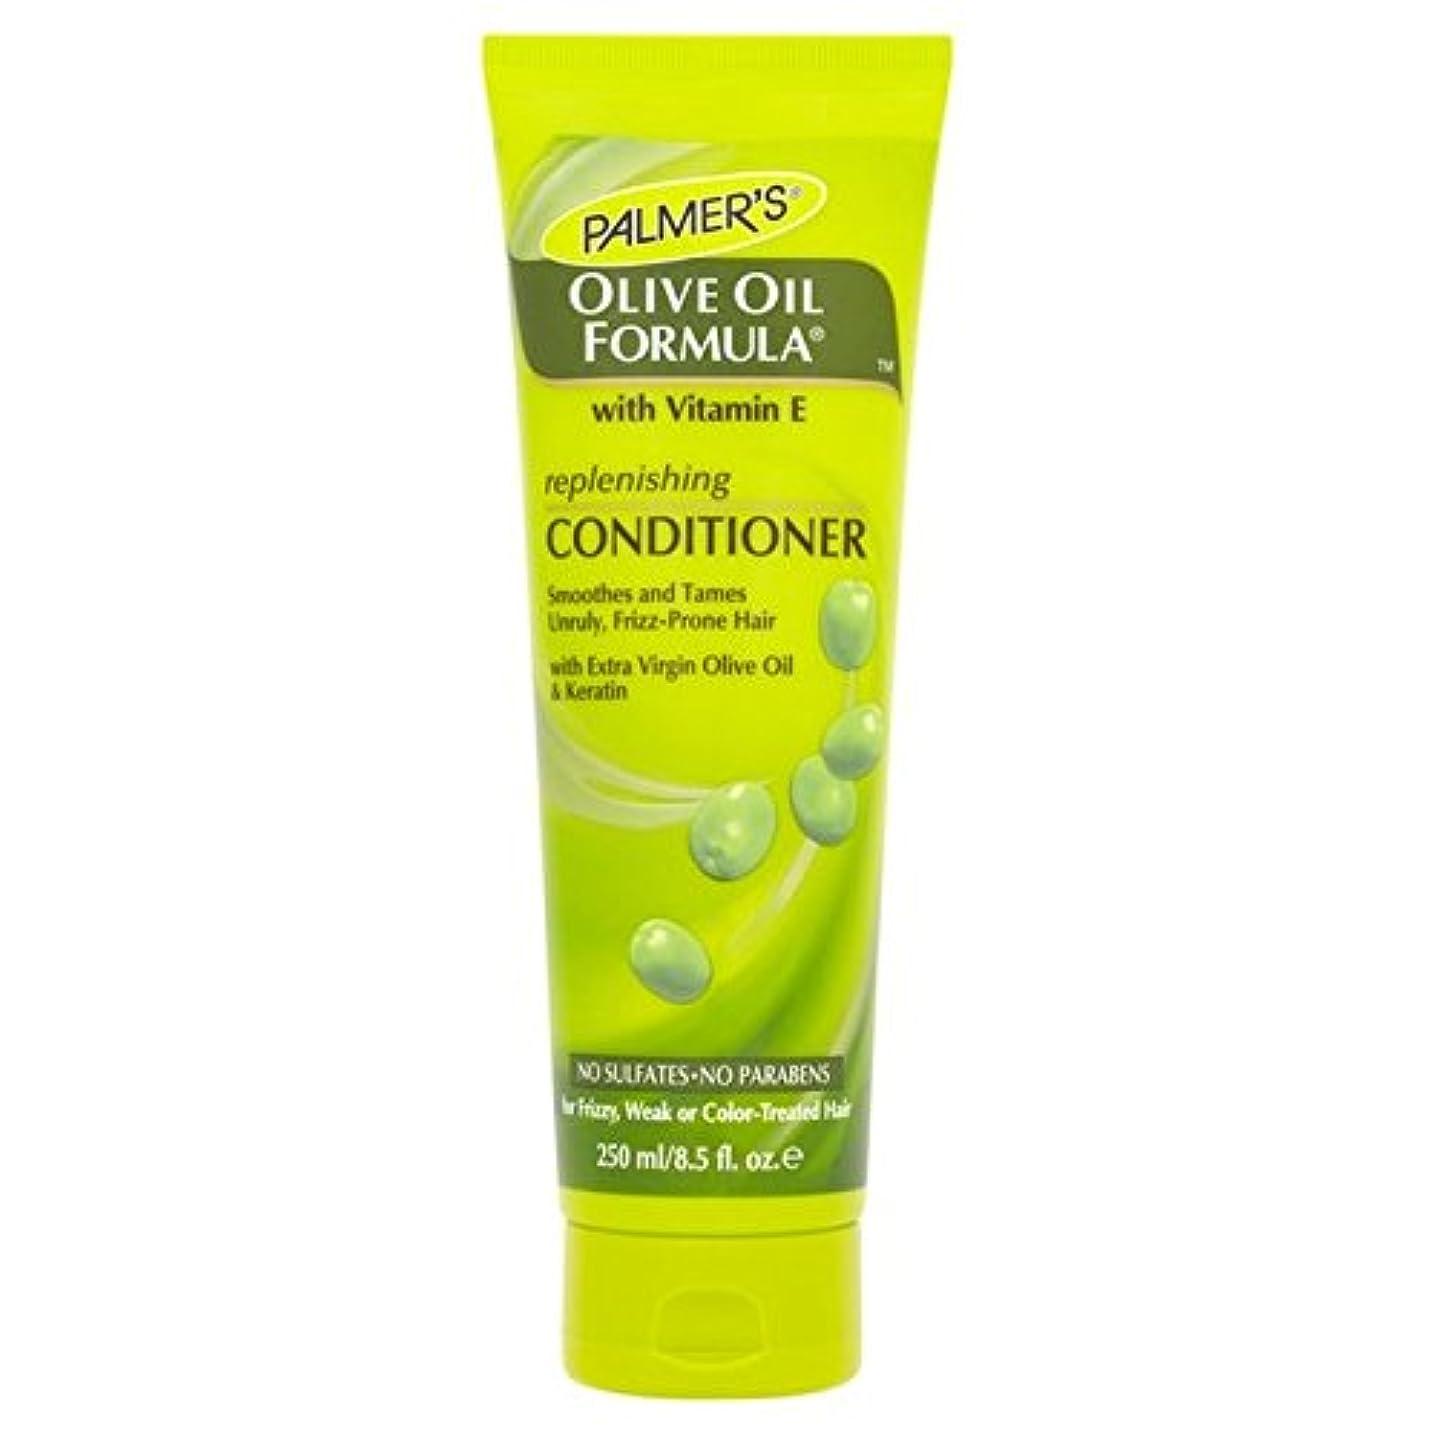 測定ピストル置き場パーマーのオリーブオイル式リストアコンディショナー250 x2 - Palmer's Olive Oil Formula Restoring Conditioner 250ml (Pack of 2) [並行輸入品]